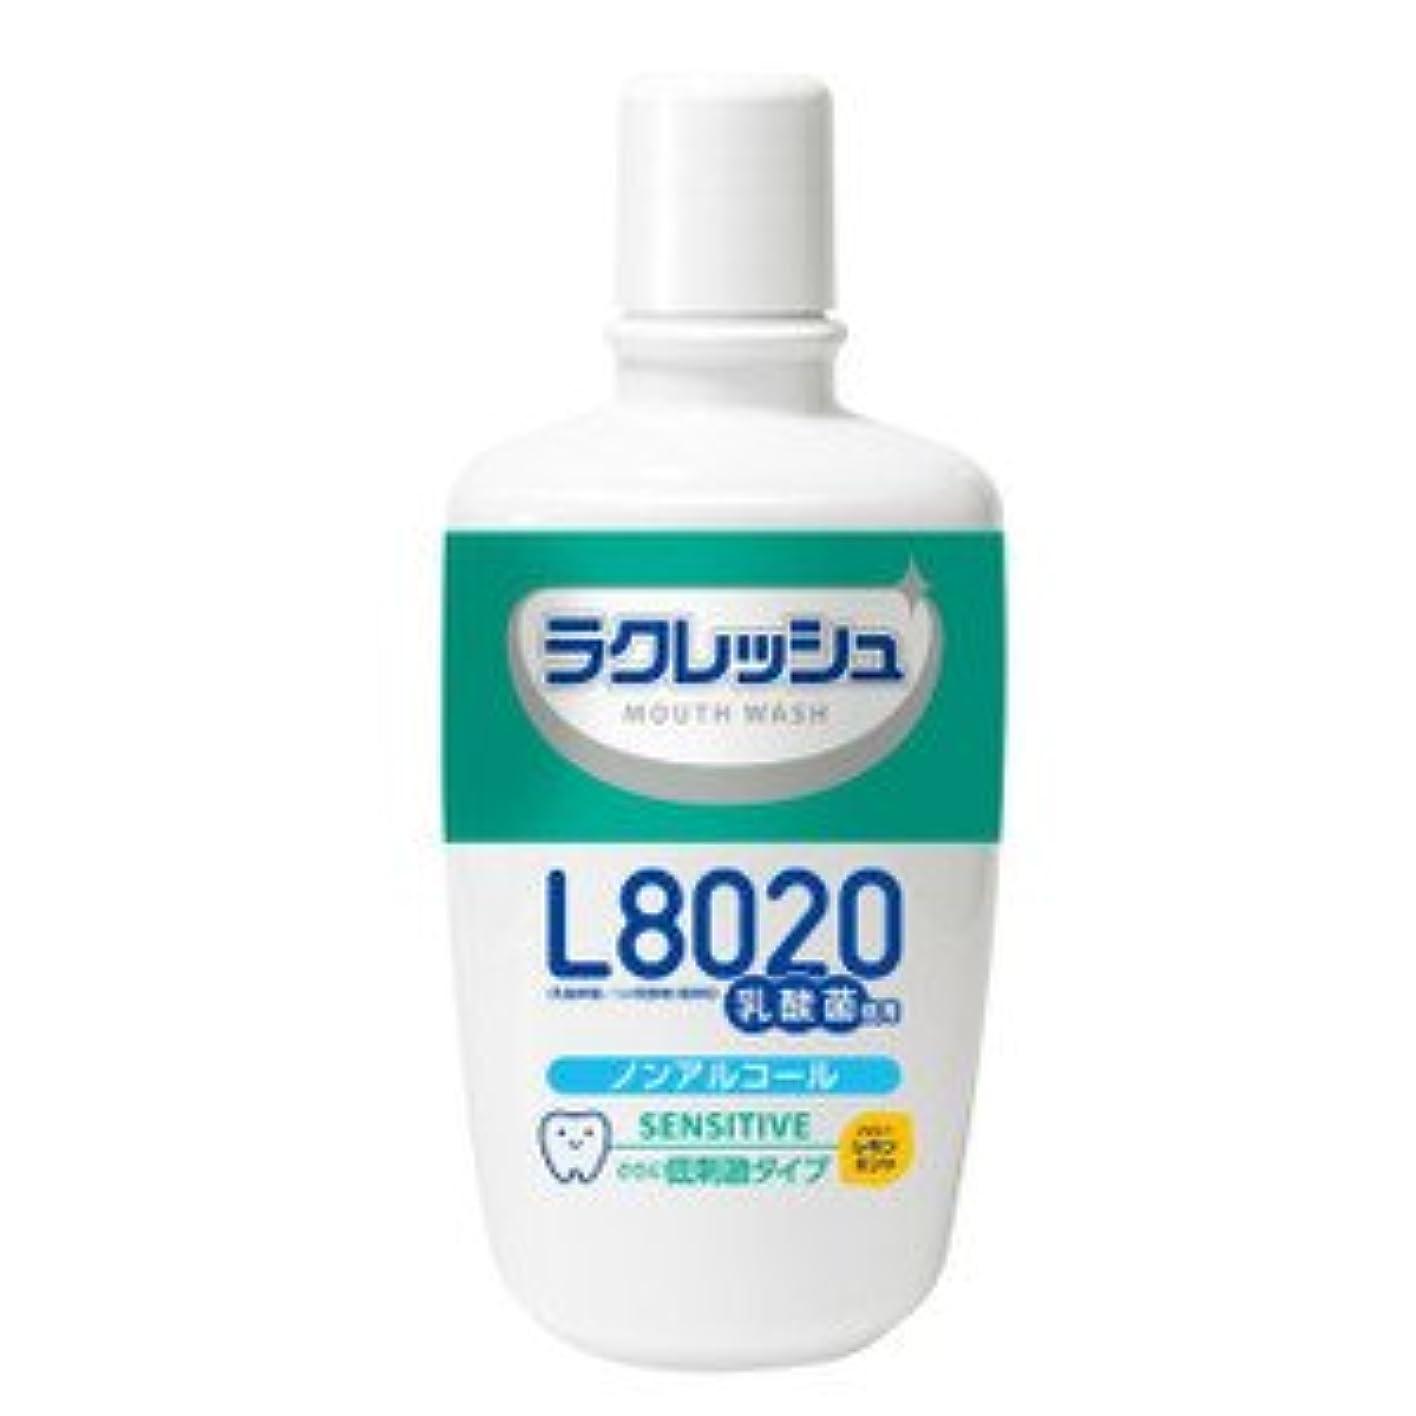 指標徴収横たわるジェクス ラクレッシュ L8020乳酸菌 マウスウォッシュ 洗口液センシティブタイプ 300ml×10個セット